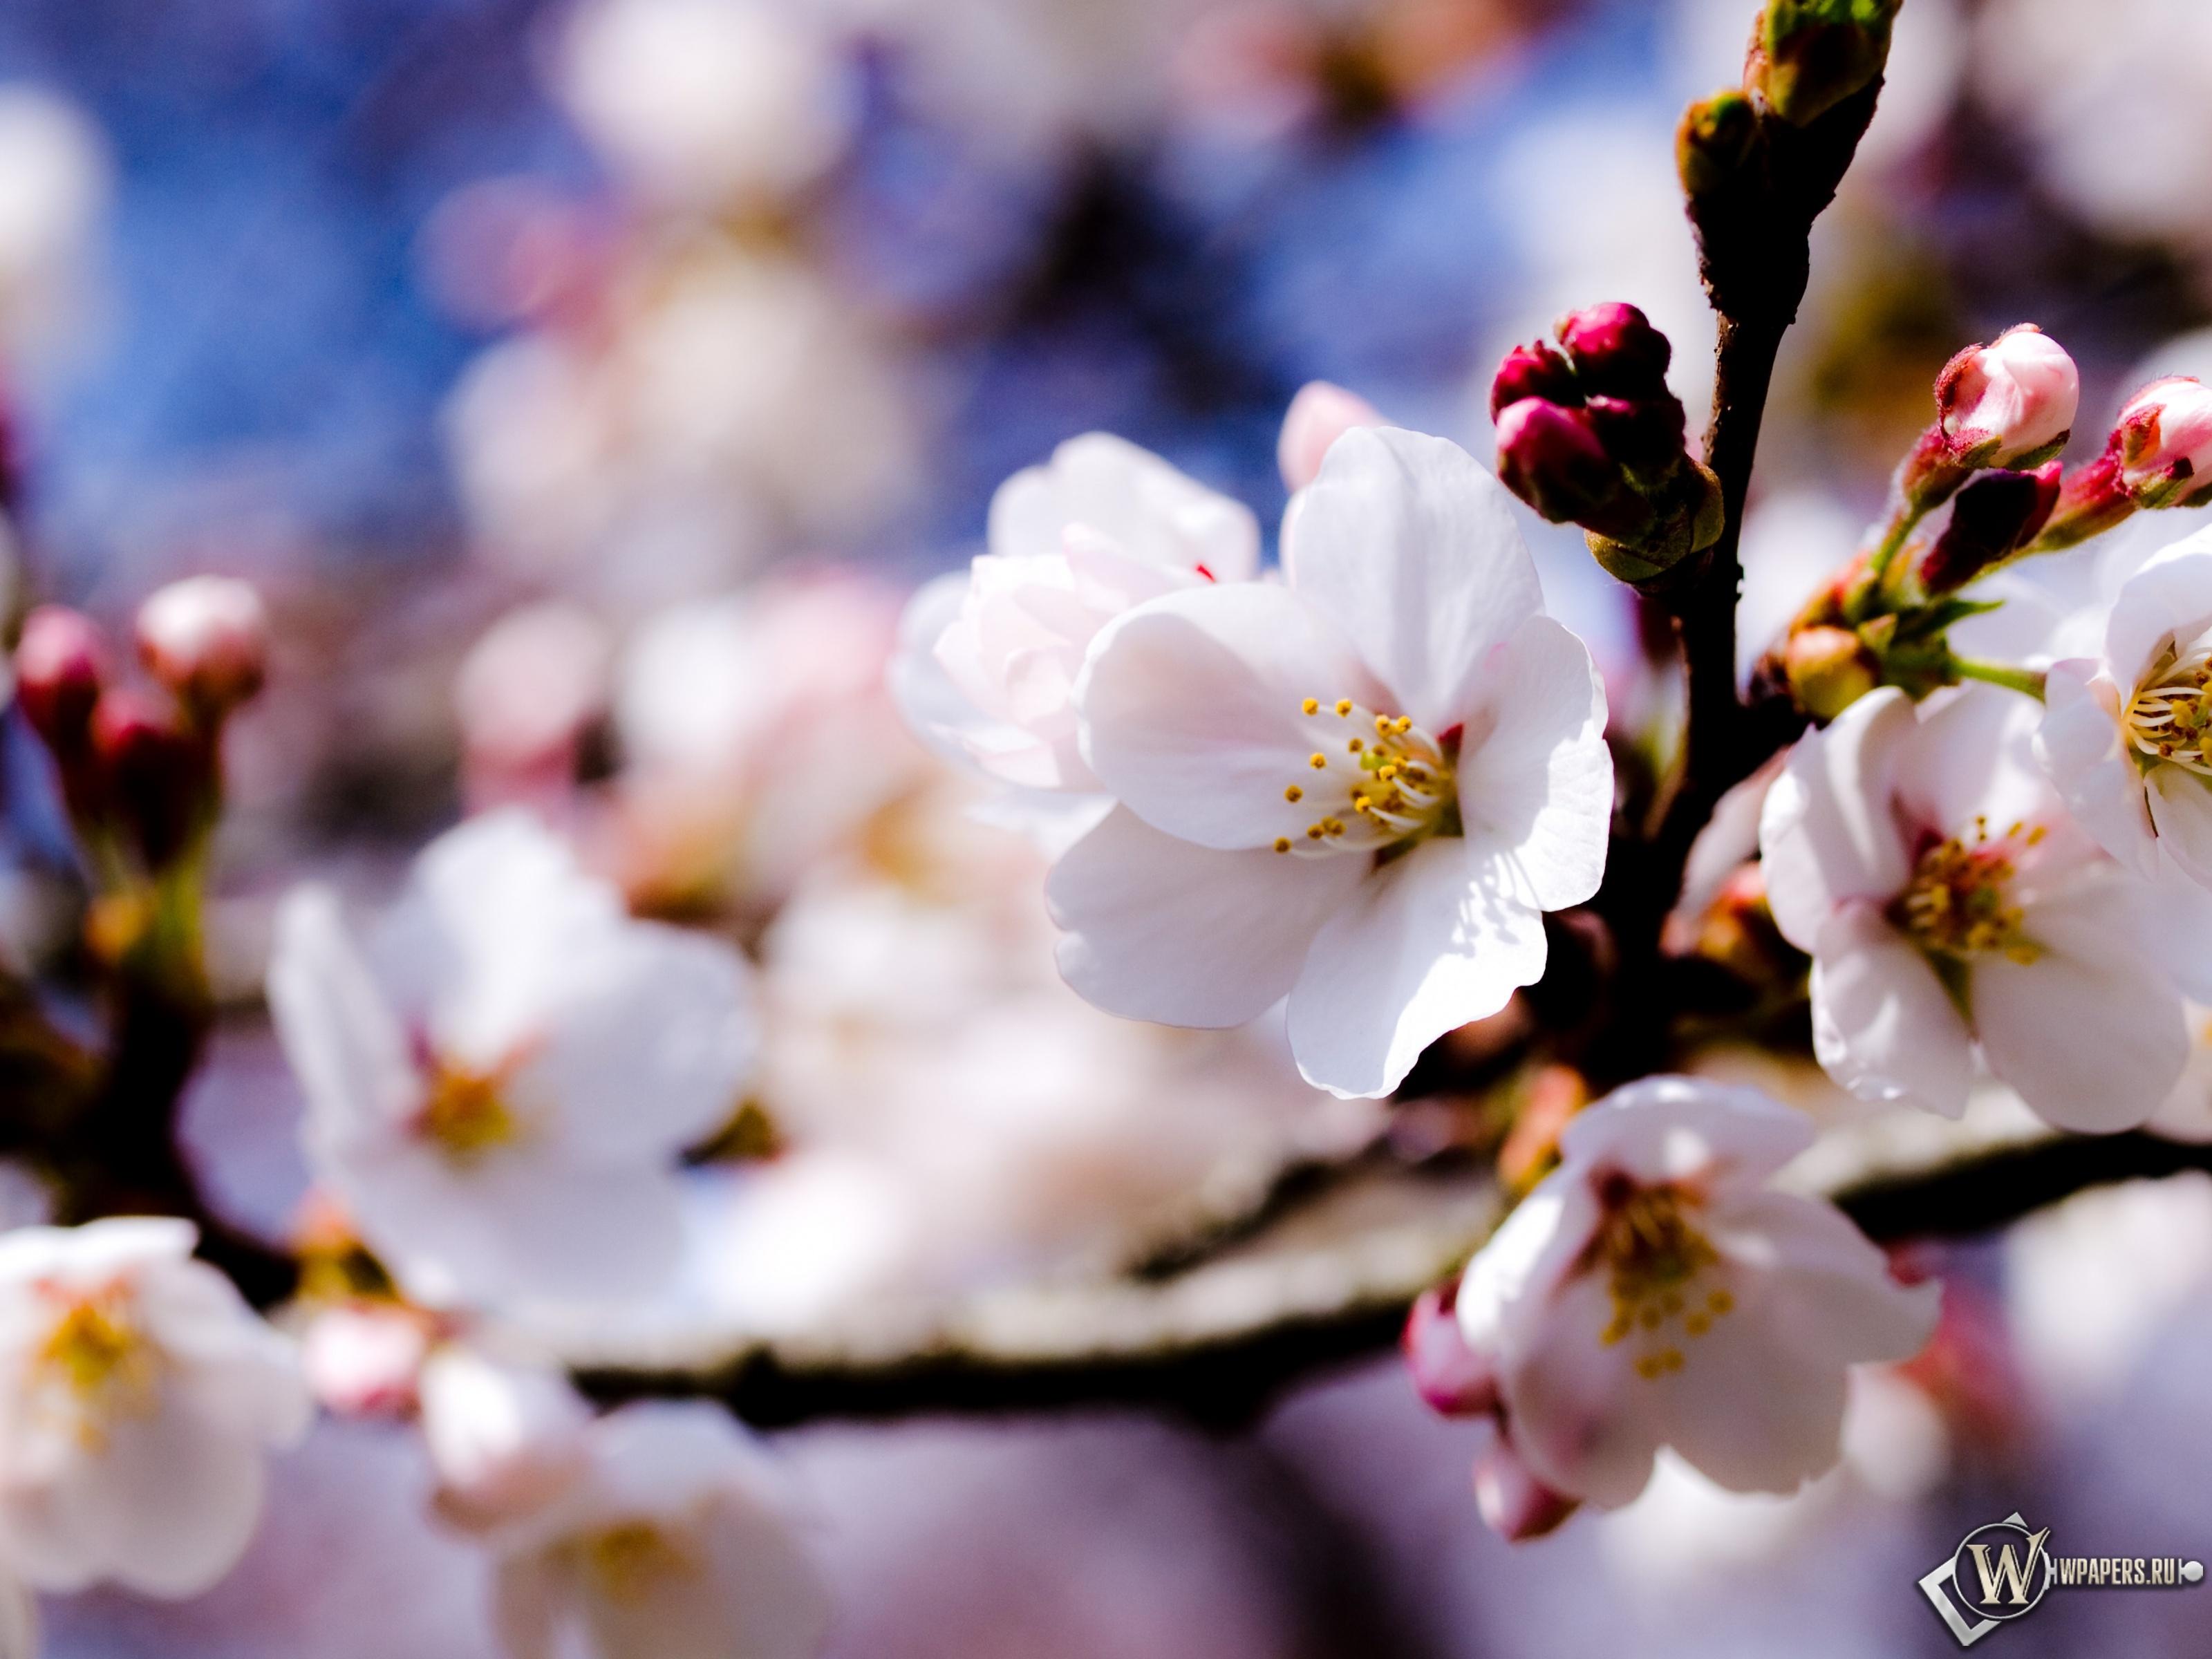 Цветы яблони 3200x2400